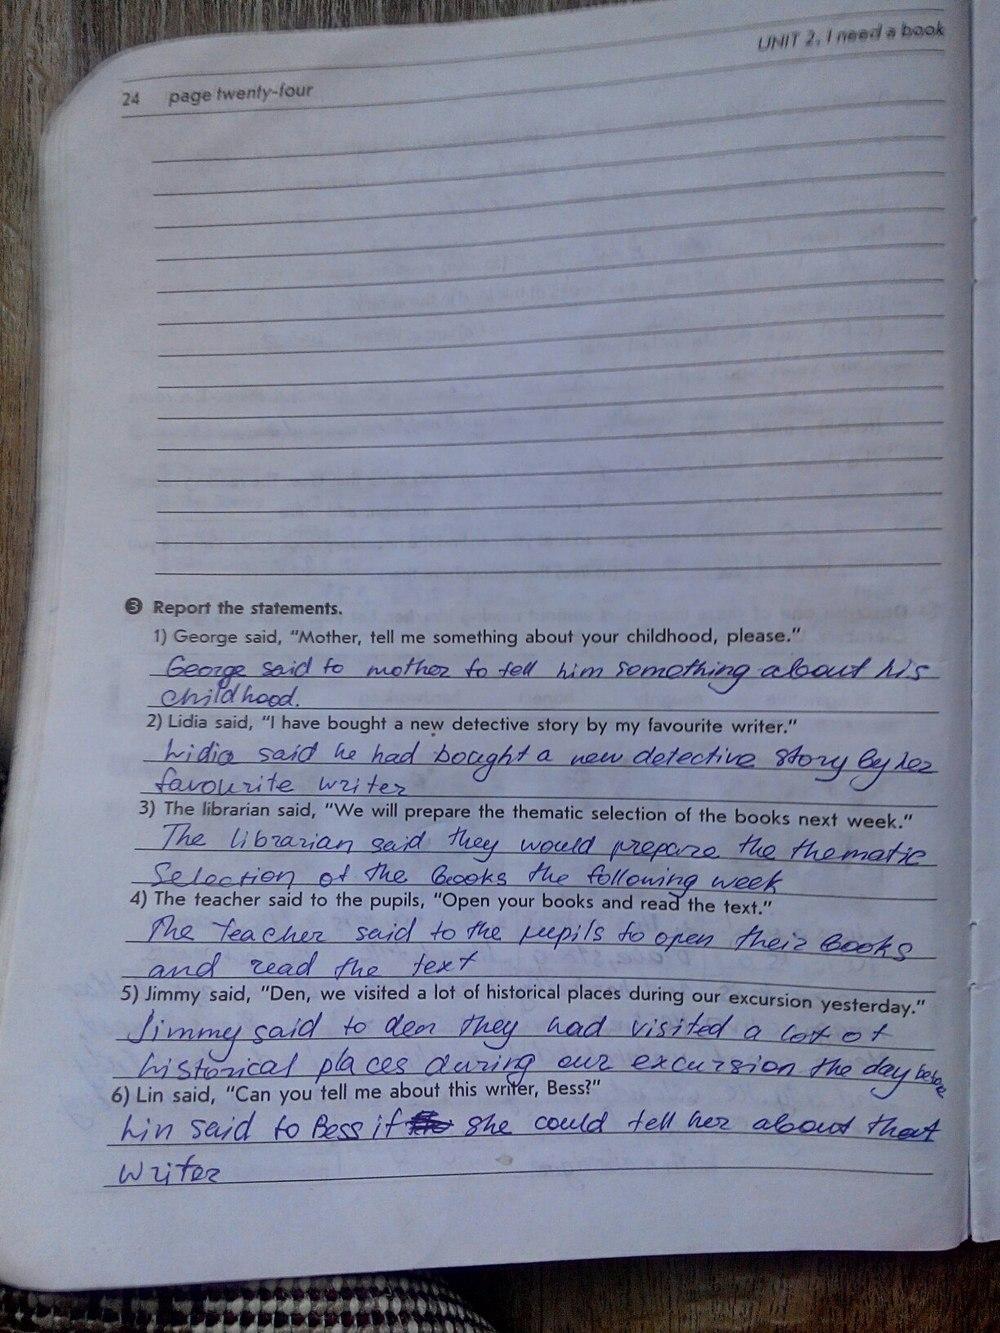 ГДЗ відповіді робочий зошит по английскому языку 8 класс О.М. Павліченко. Задание: стр. 24